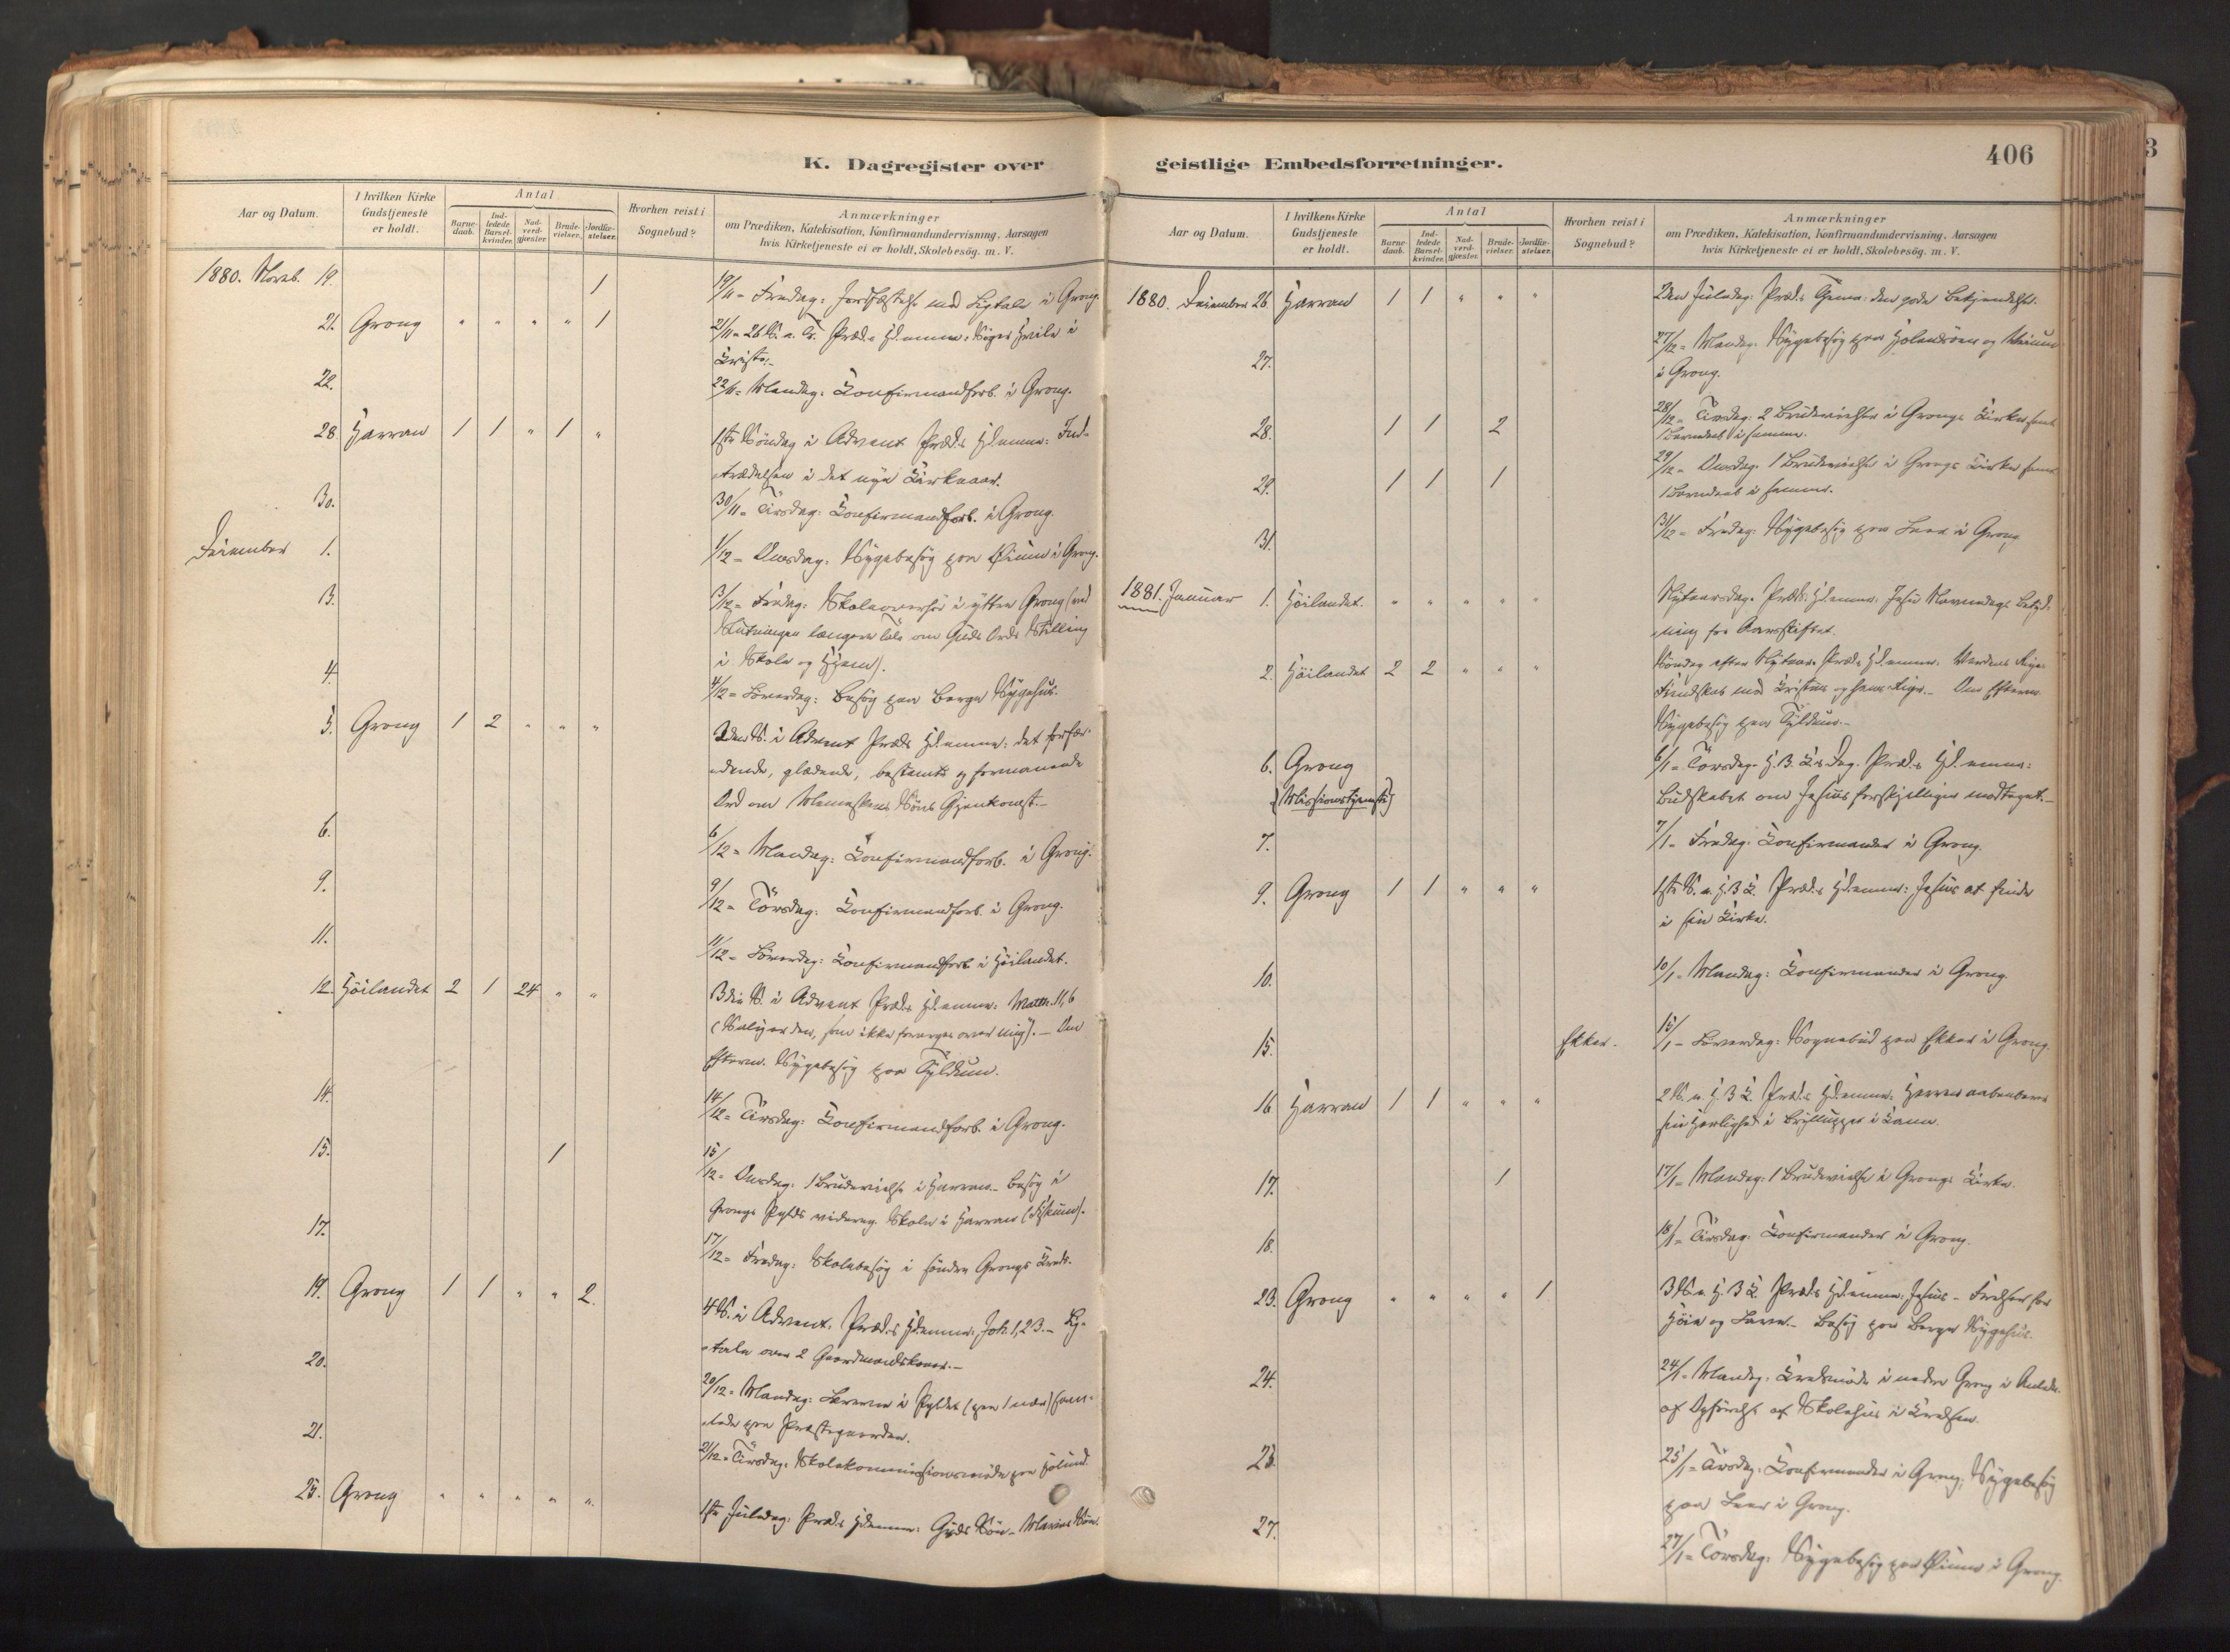 SAT, Ministerialprotokoller, klokkerbøker og fødselsregistre - Nord-Trøndelag, 758/L0519: Ministerialbok nr. 758A04, 1880-1926, s. 406